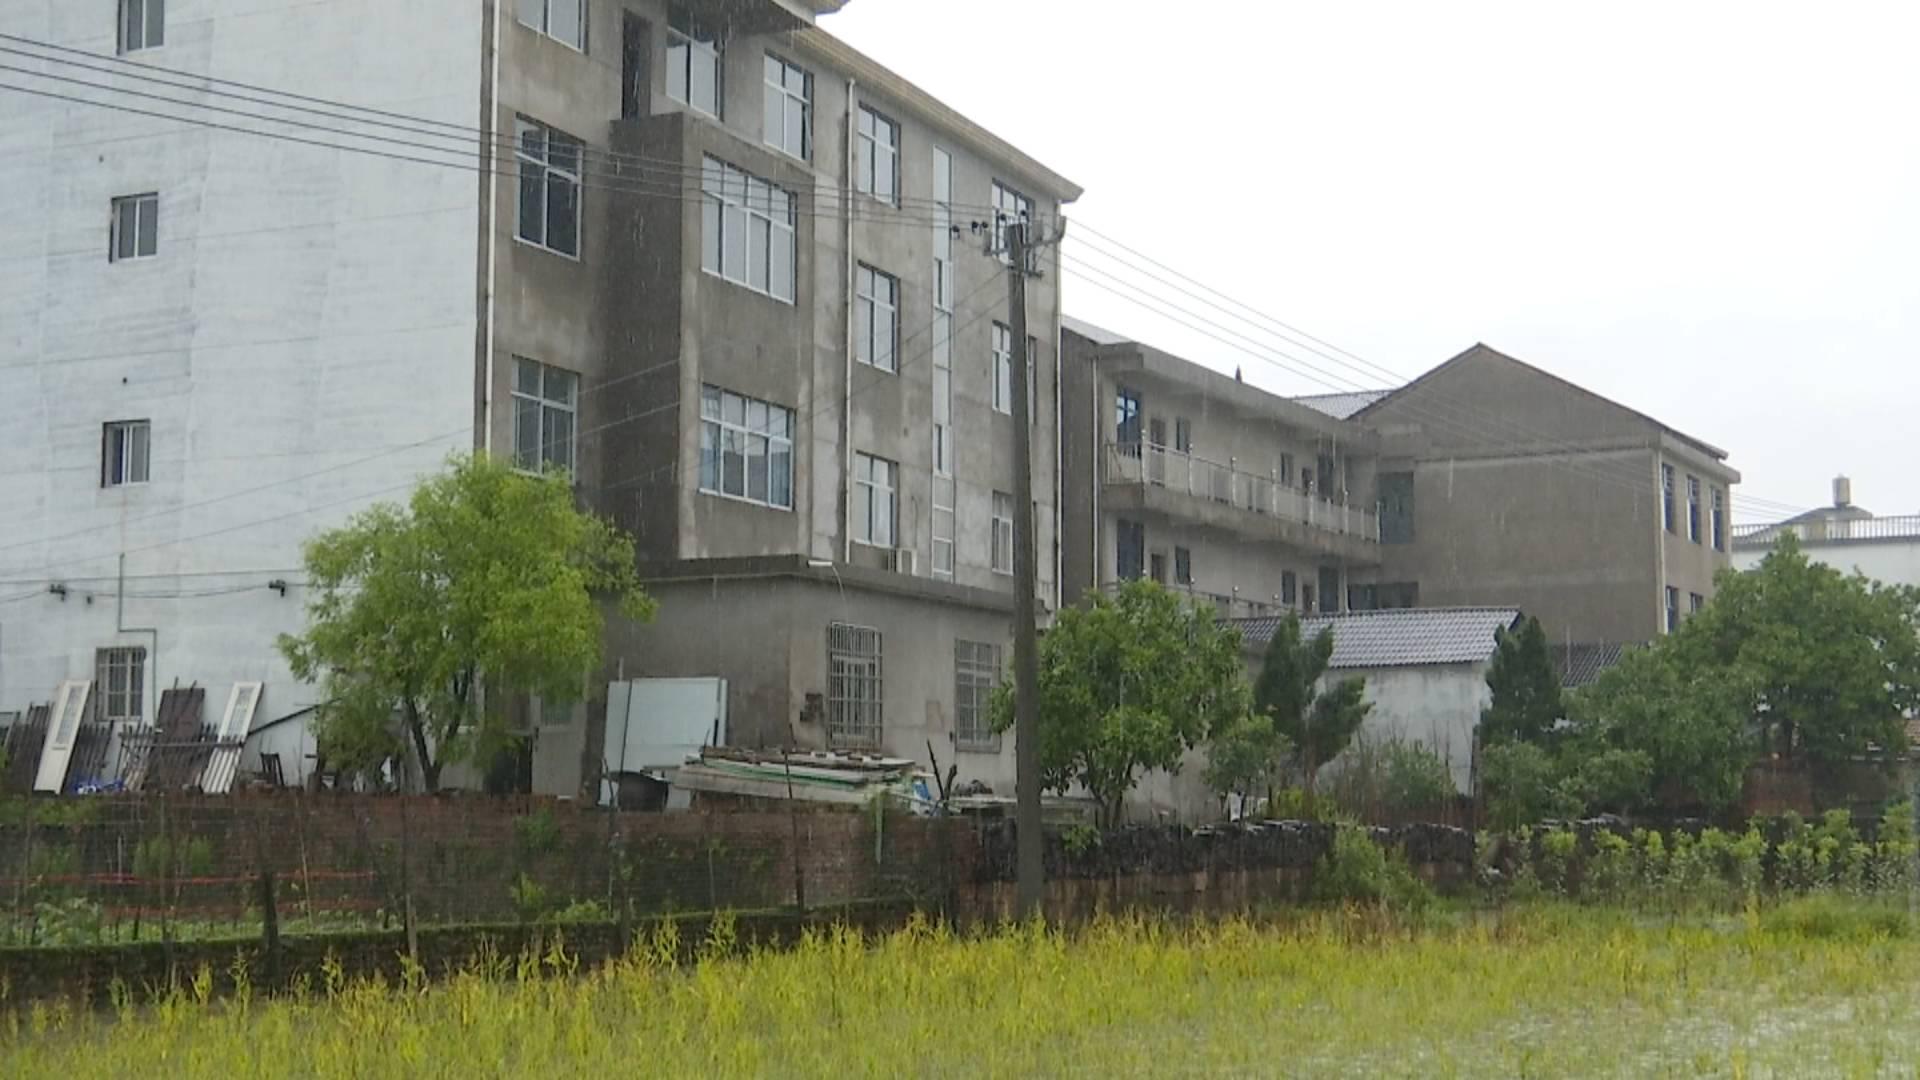 信州区朝阳镇:70万元村集体资金被外借  监管去哪儿了?